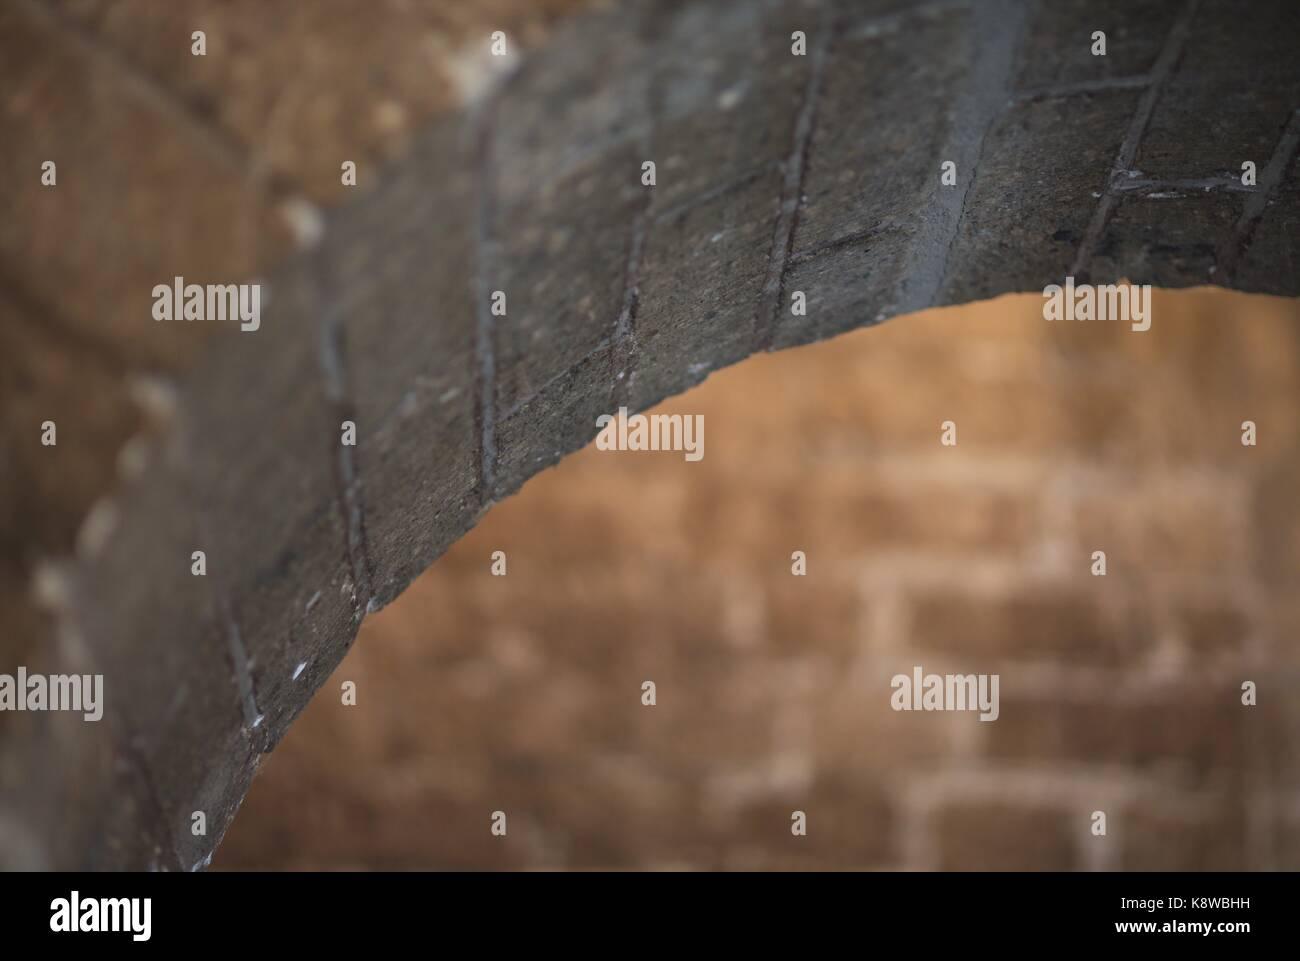 sand-stone-arc-inside-extreme-shallow-de